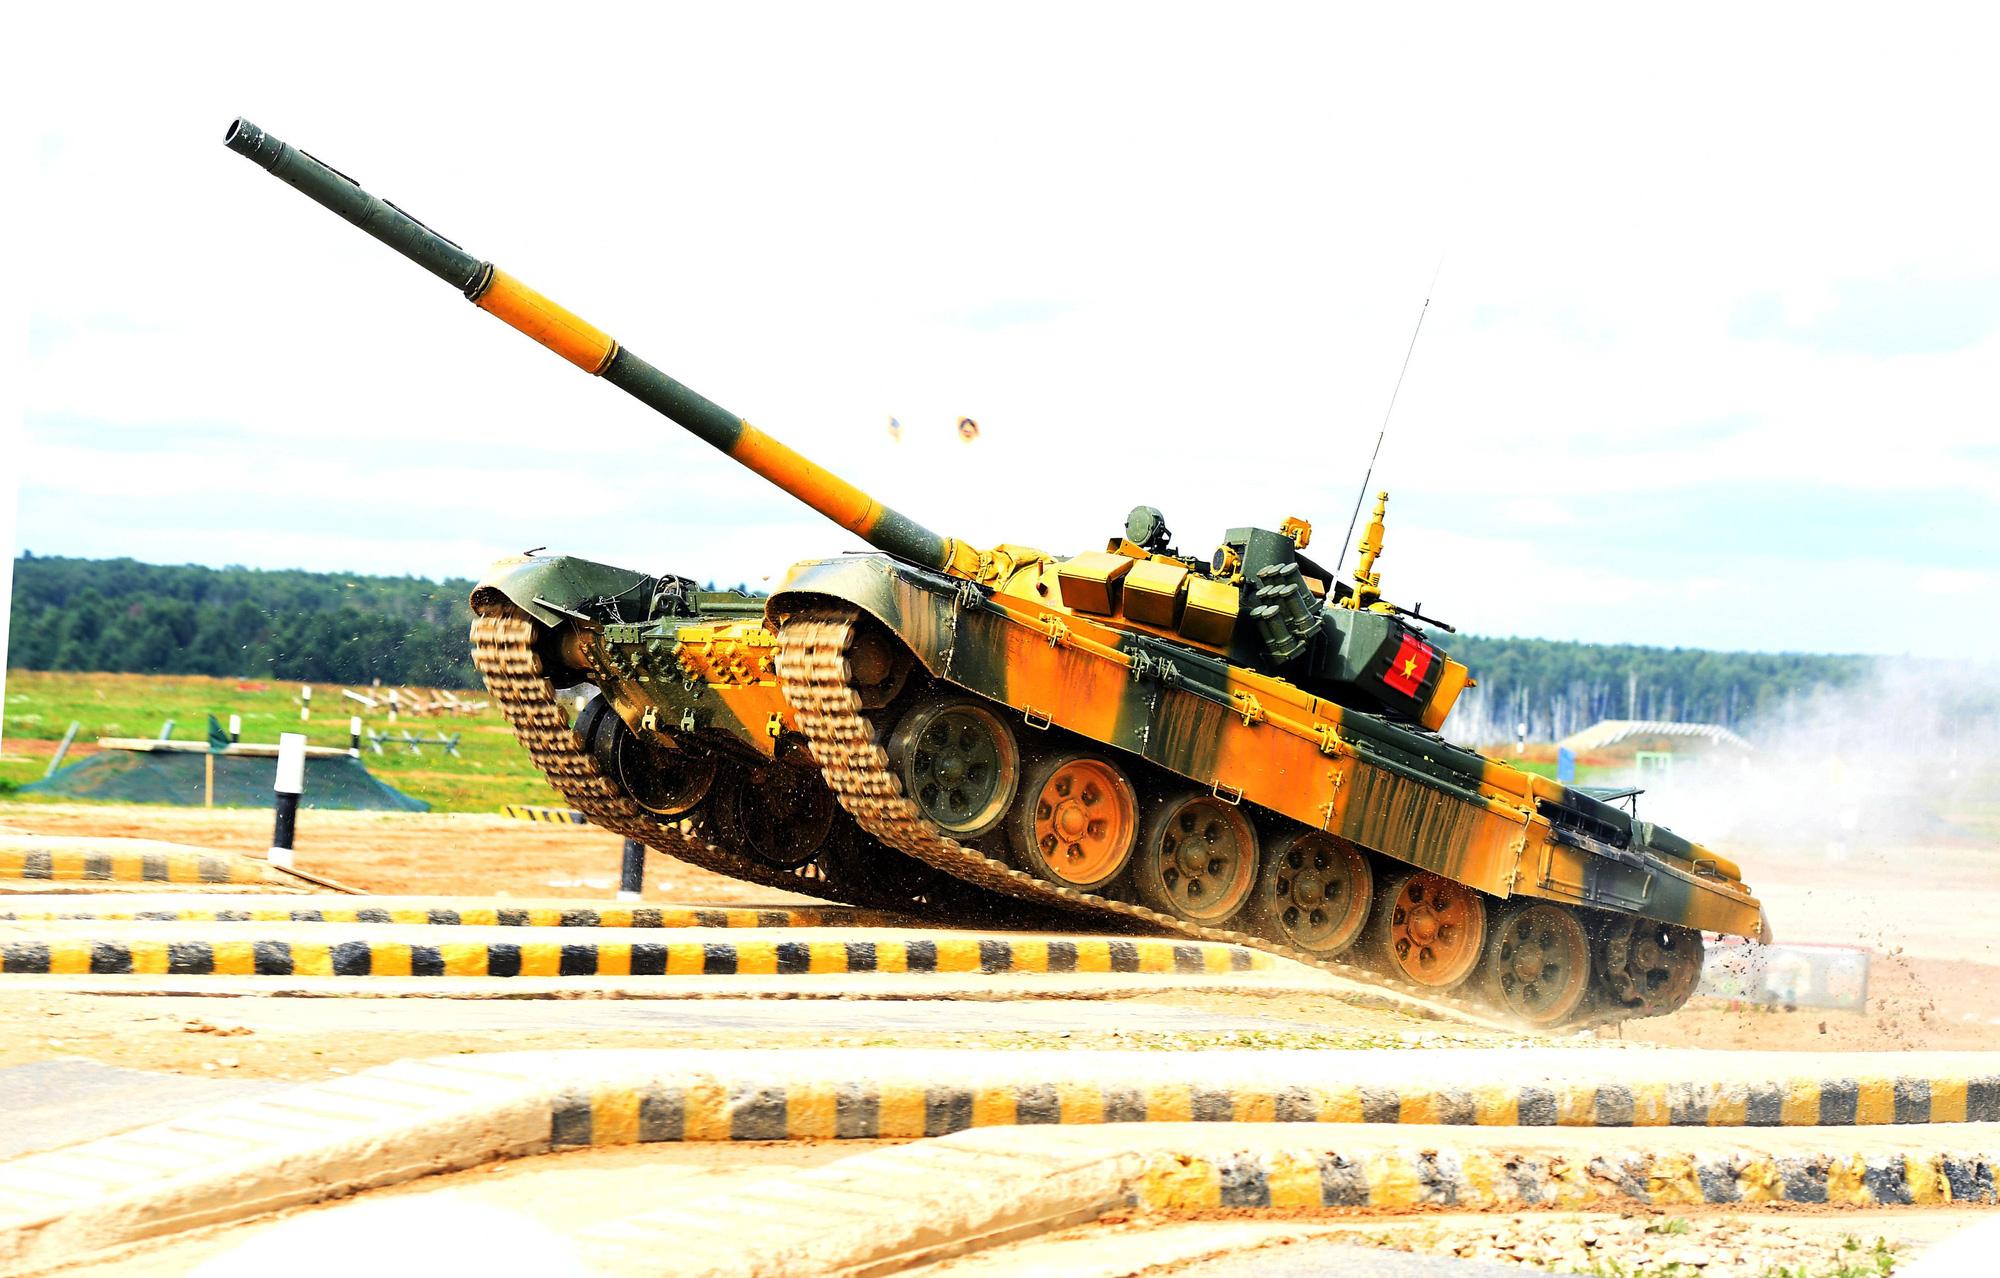 Nhìn lại 14 ngày tranh tài của QDND Việt Nam tại kỳ Army Games 2020 - Ảnh 3.